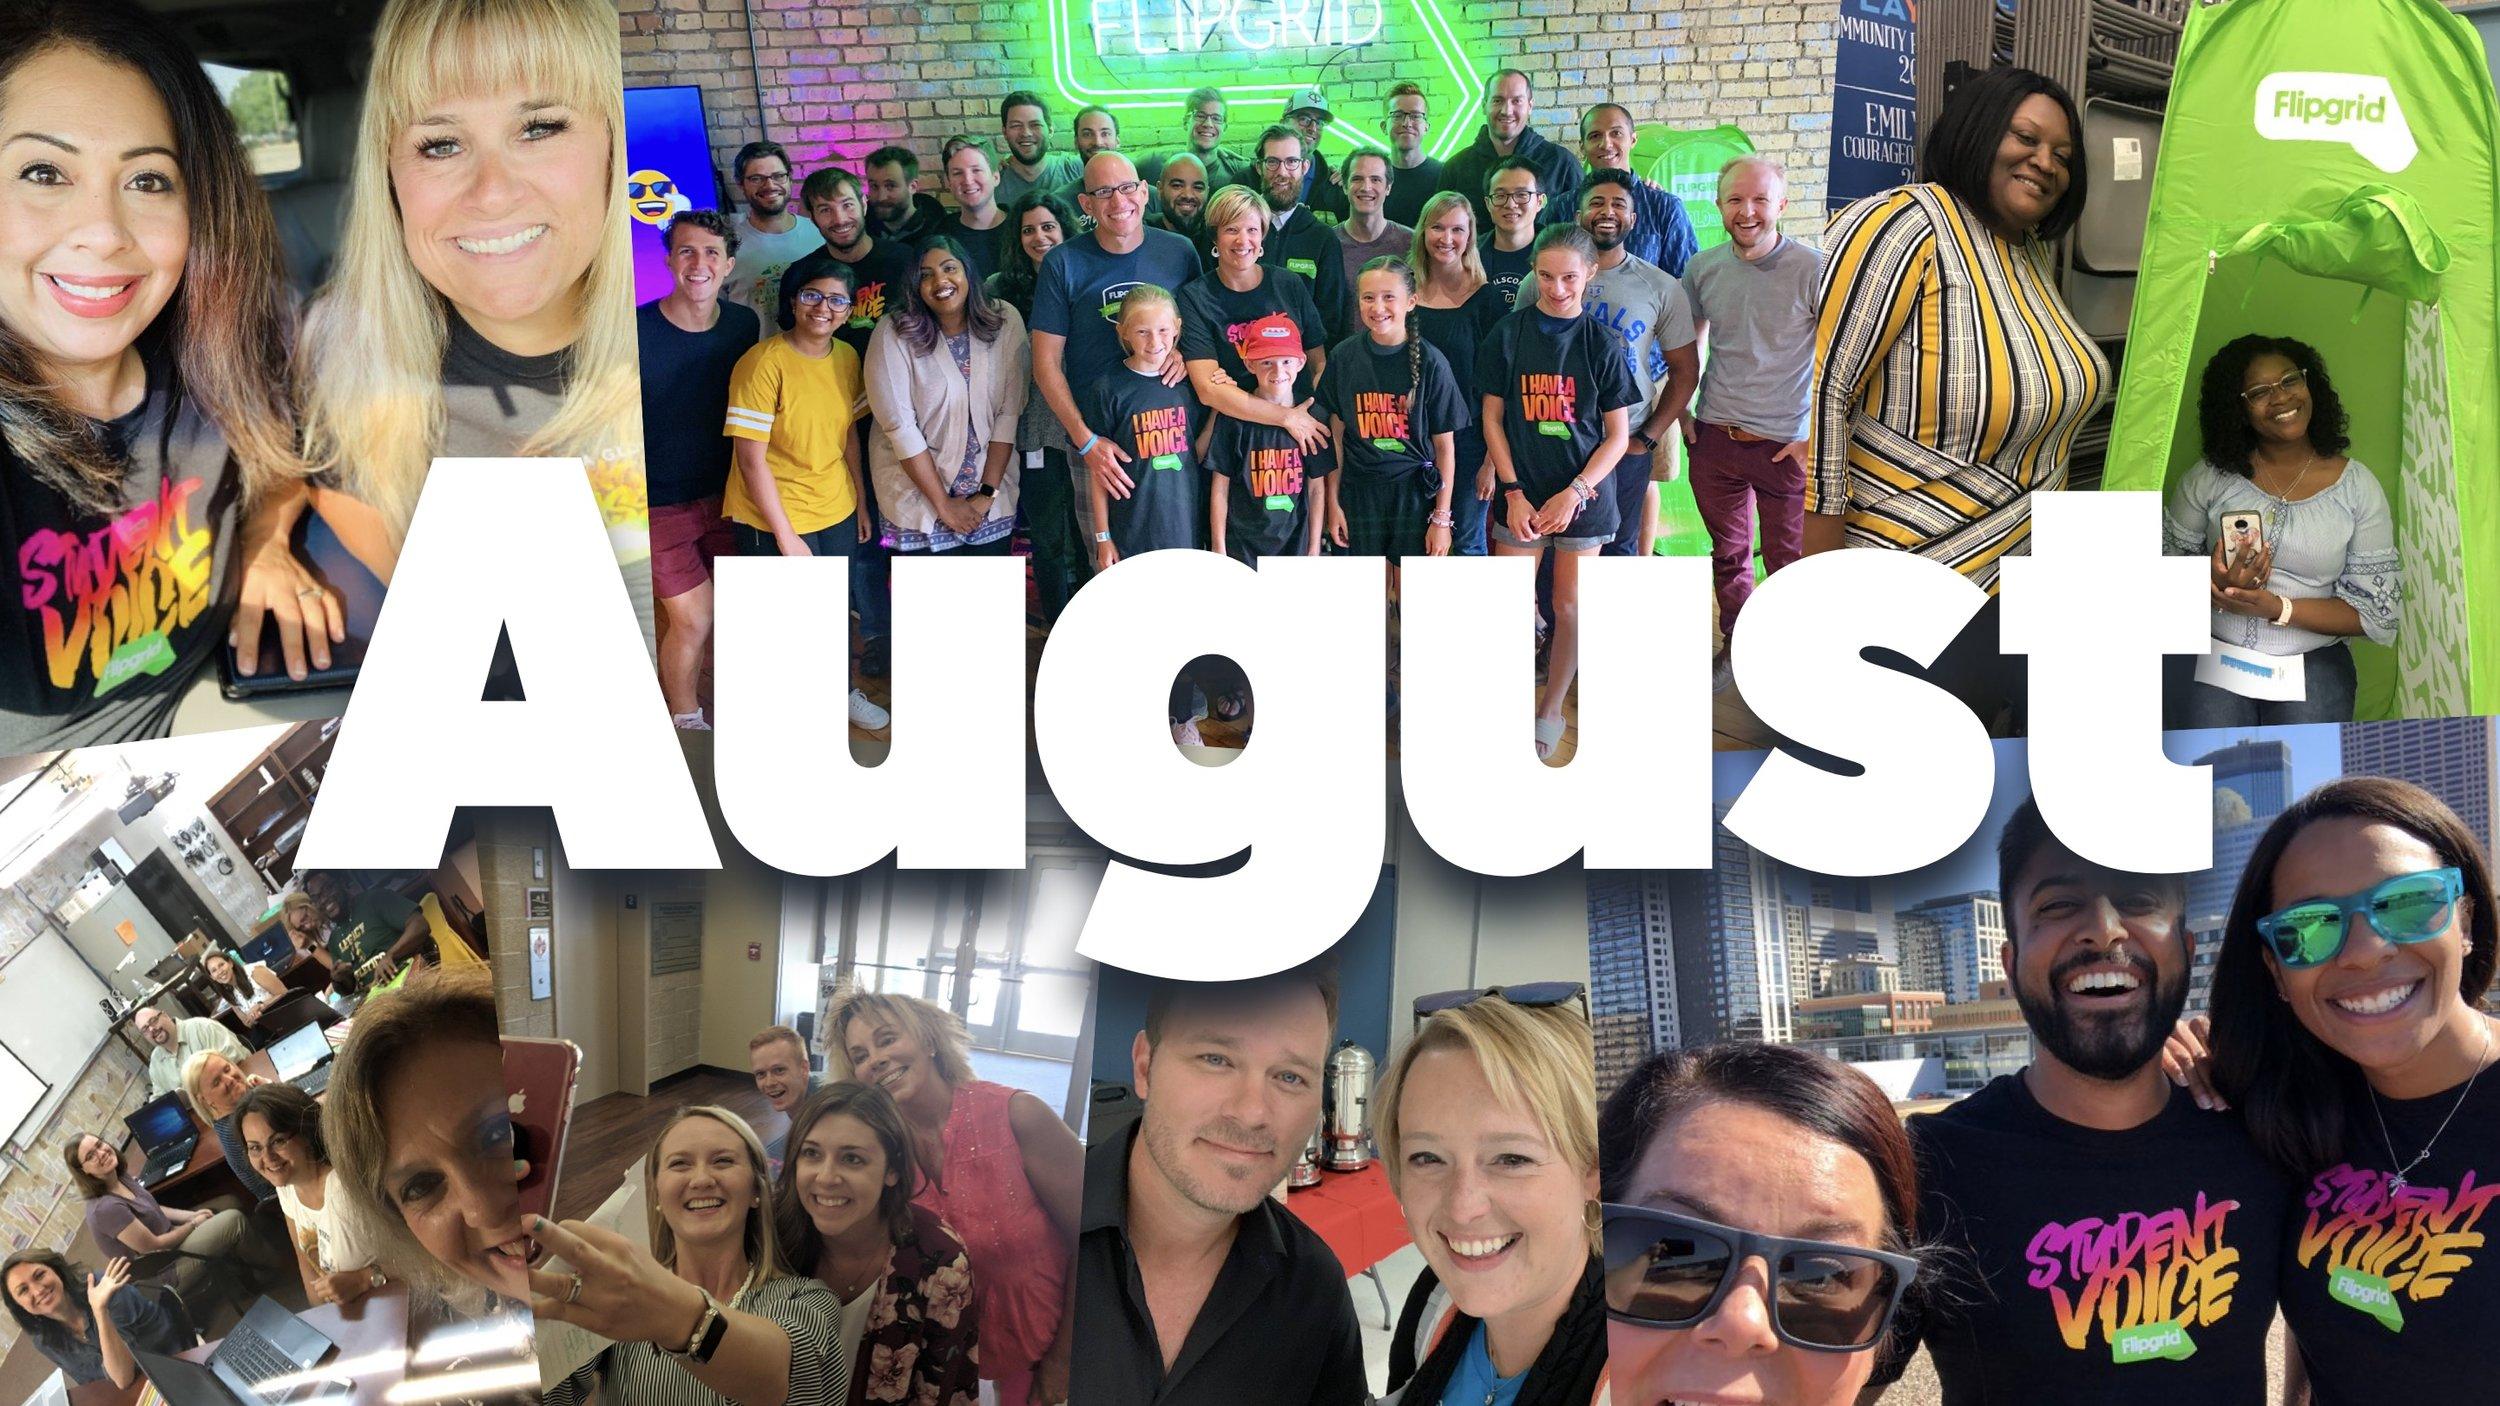 August2019_Flipgrid_ShortsReport_Newsletter.jpg